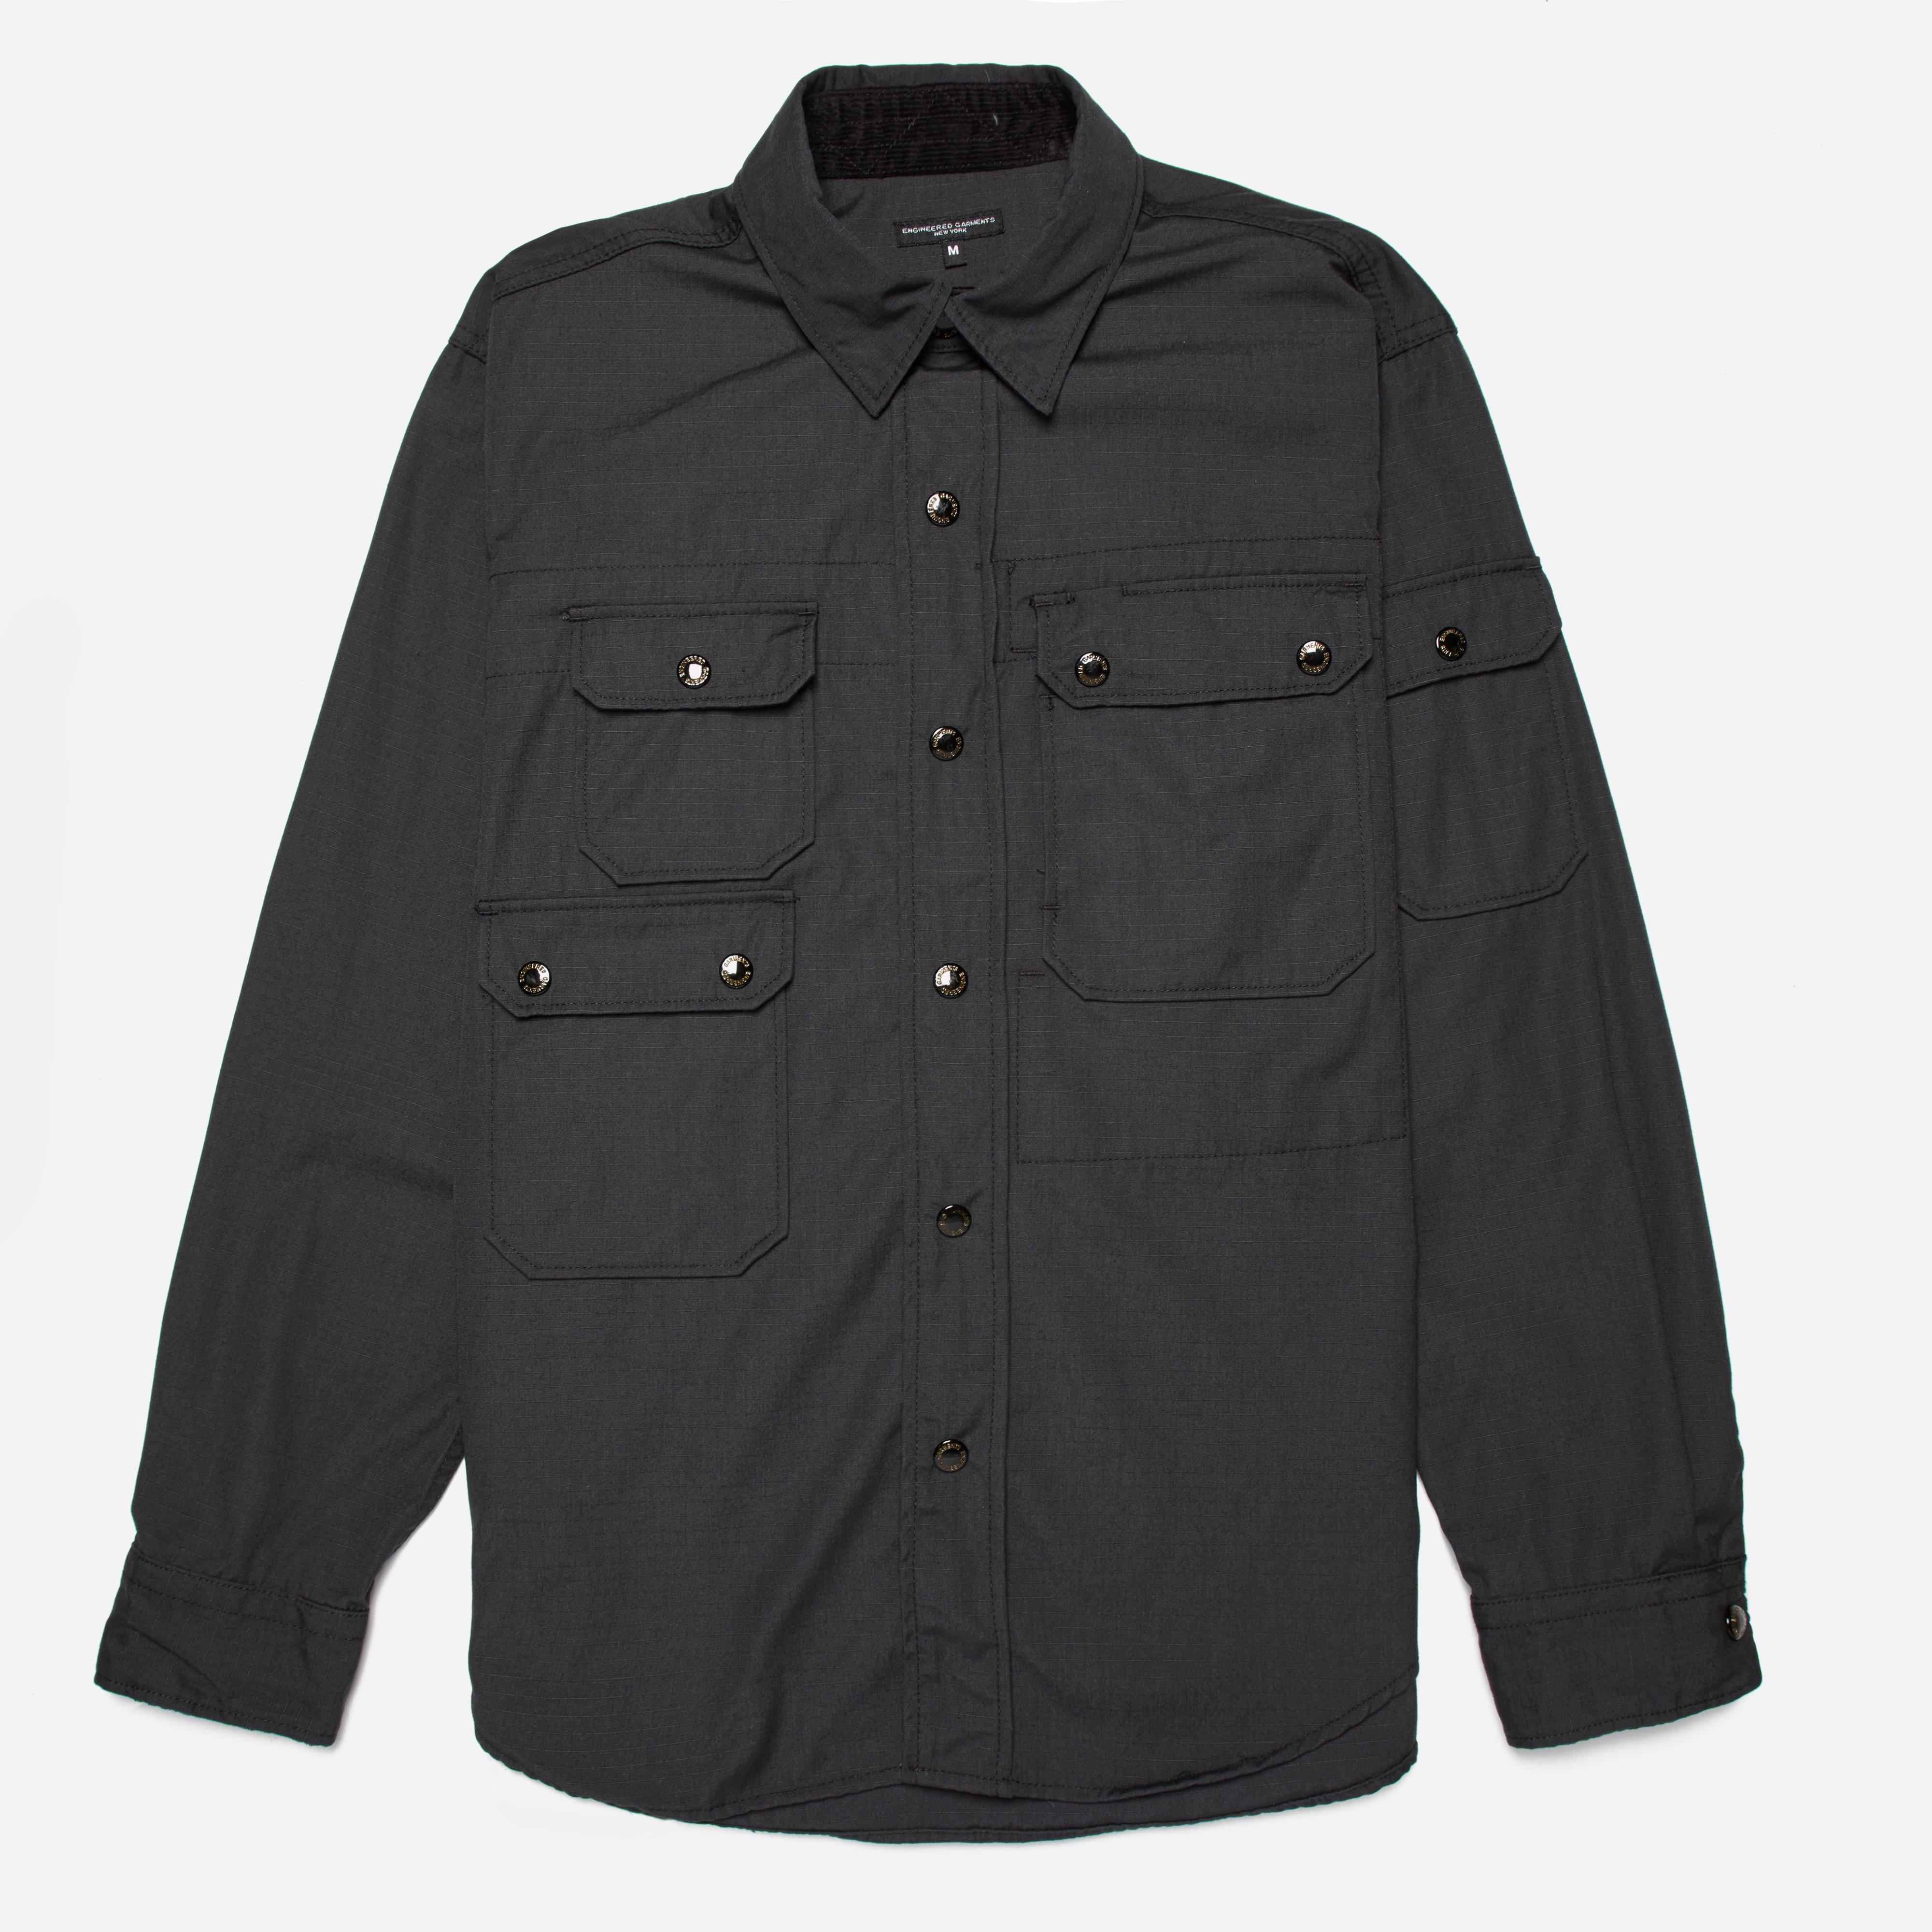 Engineered Garments CPO Shirt - Nyco Ripstop